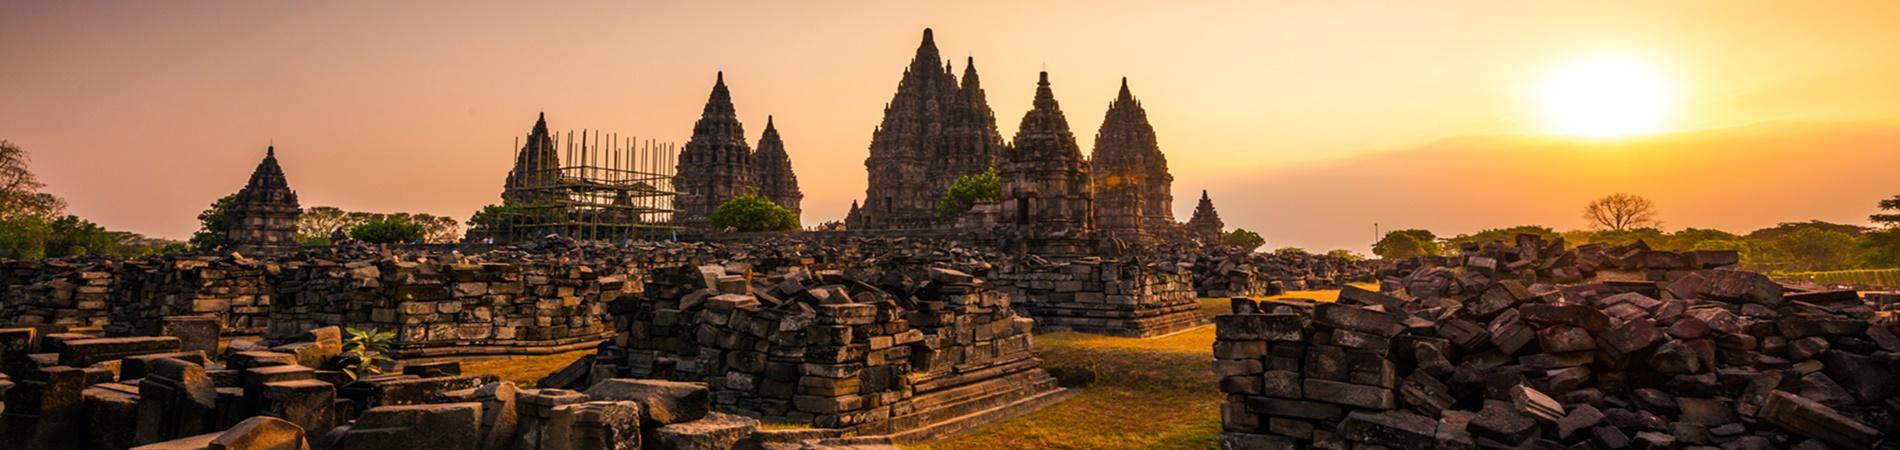 Prambanan – Simply Indo highs